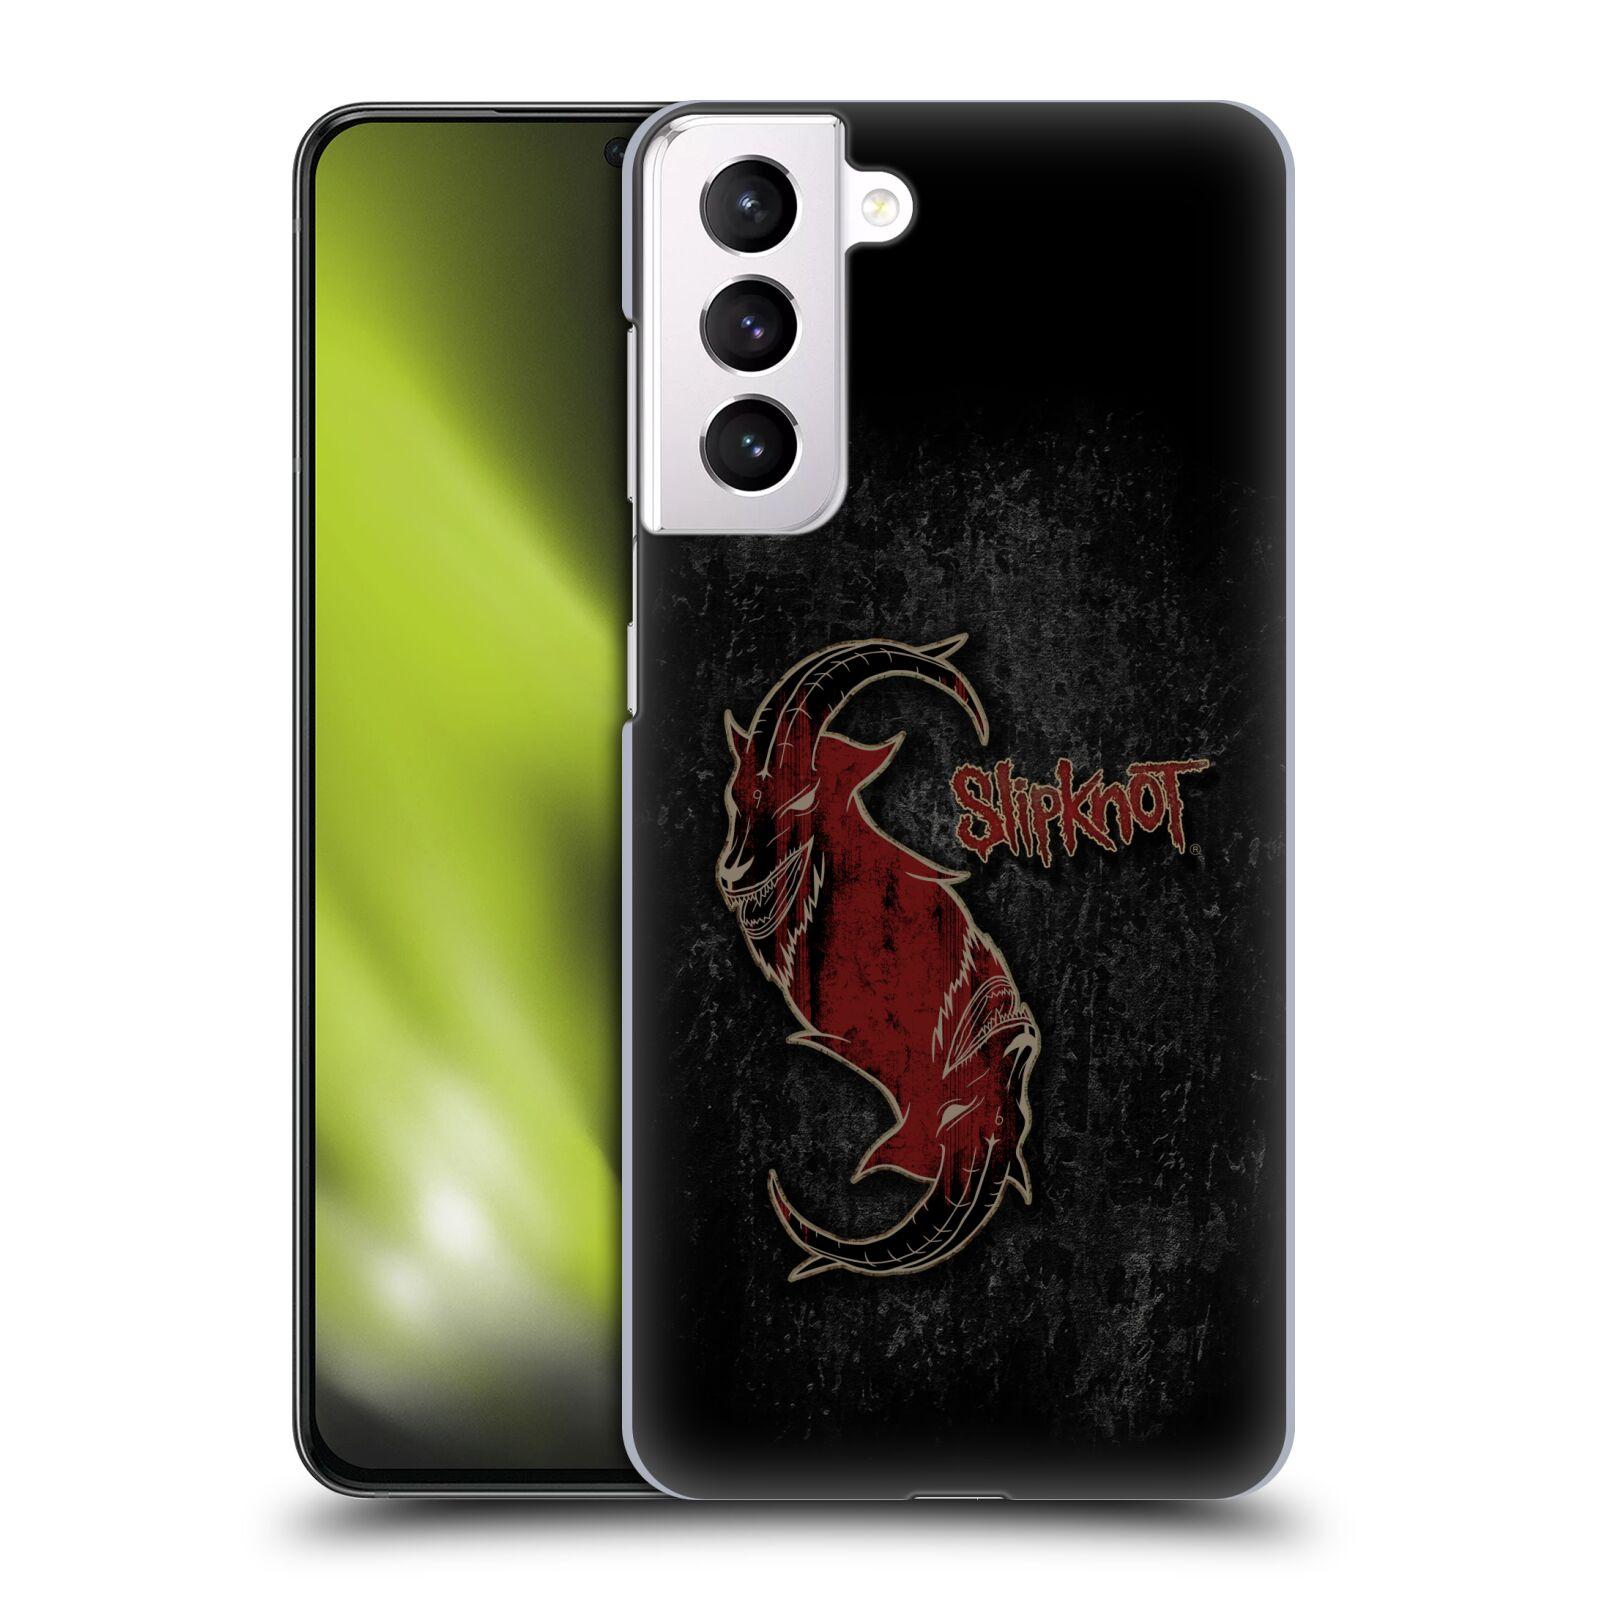 Plastové pouzdro na mobil Samsung Galaxy S21 Plus 5G - Head Case - Slipknot - Rudý kozel